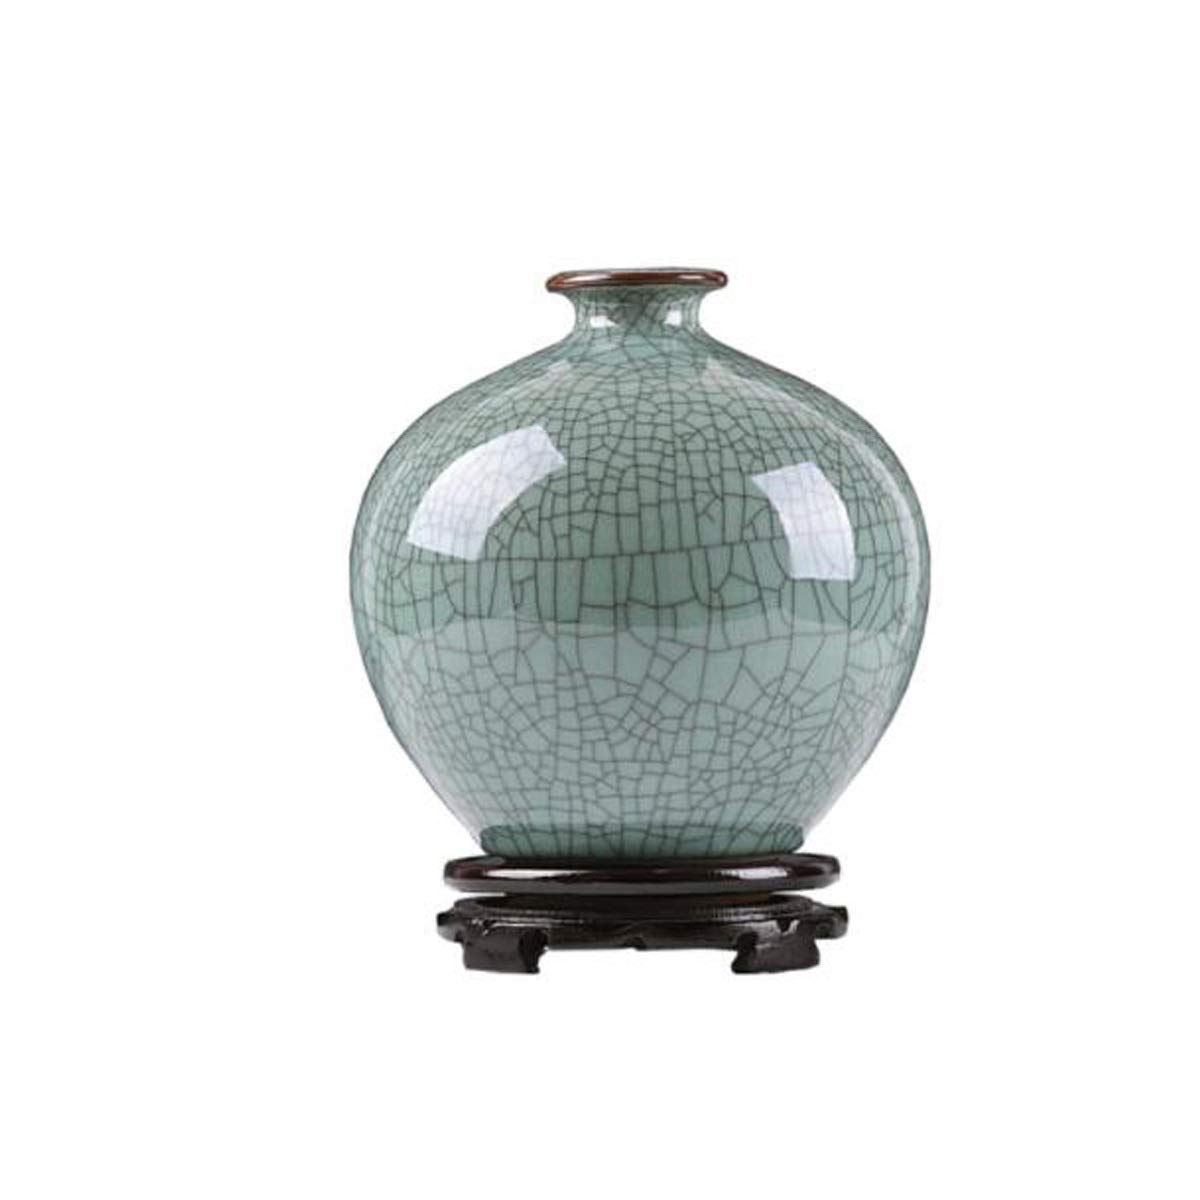 SHENGSHIHUIZHONG 景徳鎮セラミック花瓶の装飾、リビングルームの磁器の装飾、工芸品の装飾、ビーングリーンアンティークアイスクラックボトル、ビーングリーンの瓶、ビーンブルーフィッシュテールボトル 中華風 (Shape : E) B07SWYRWK6  E